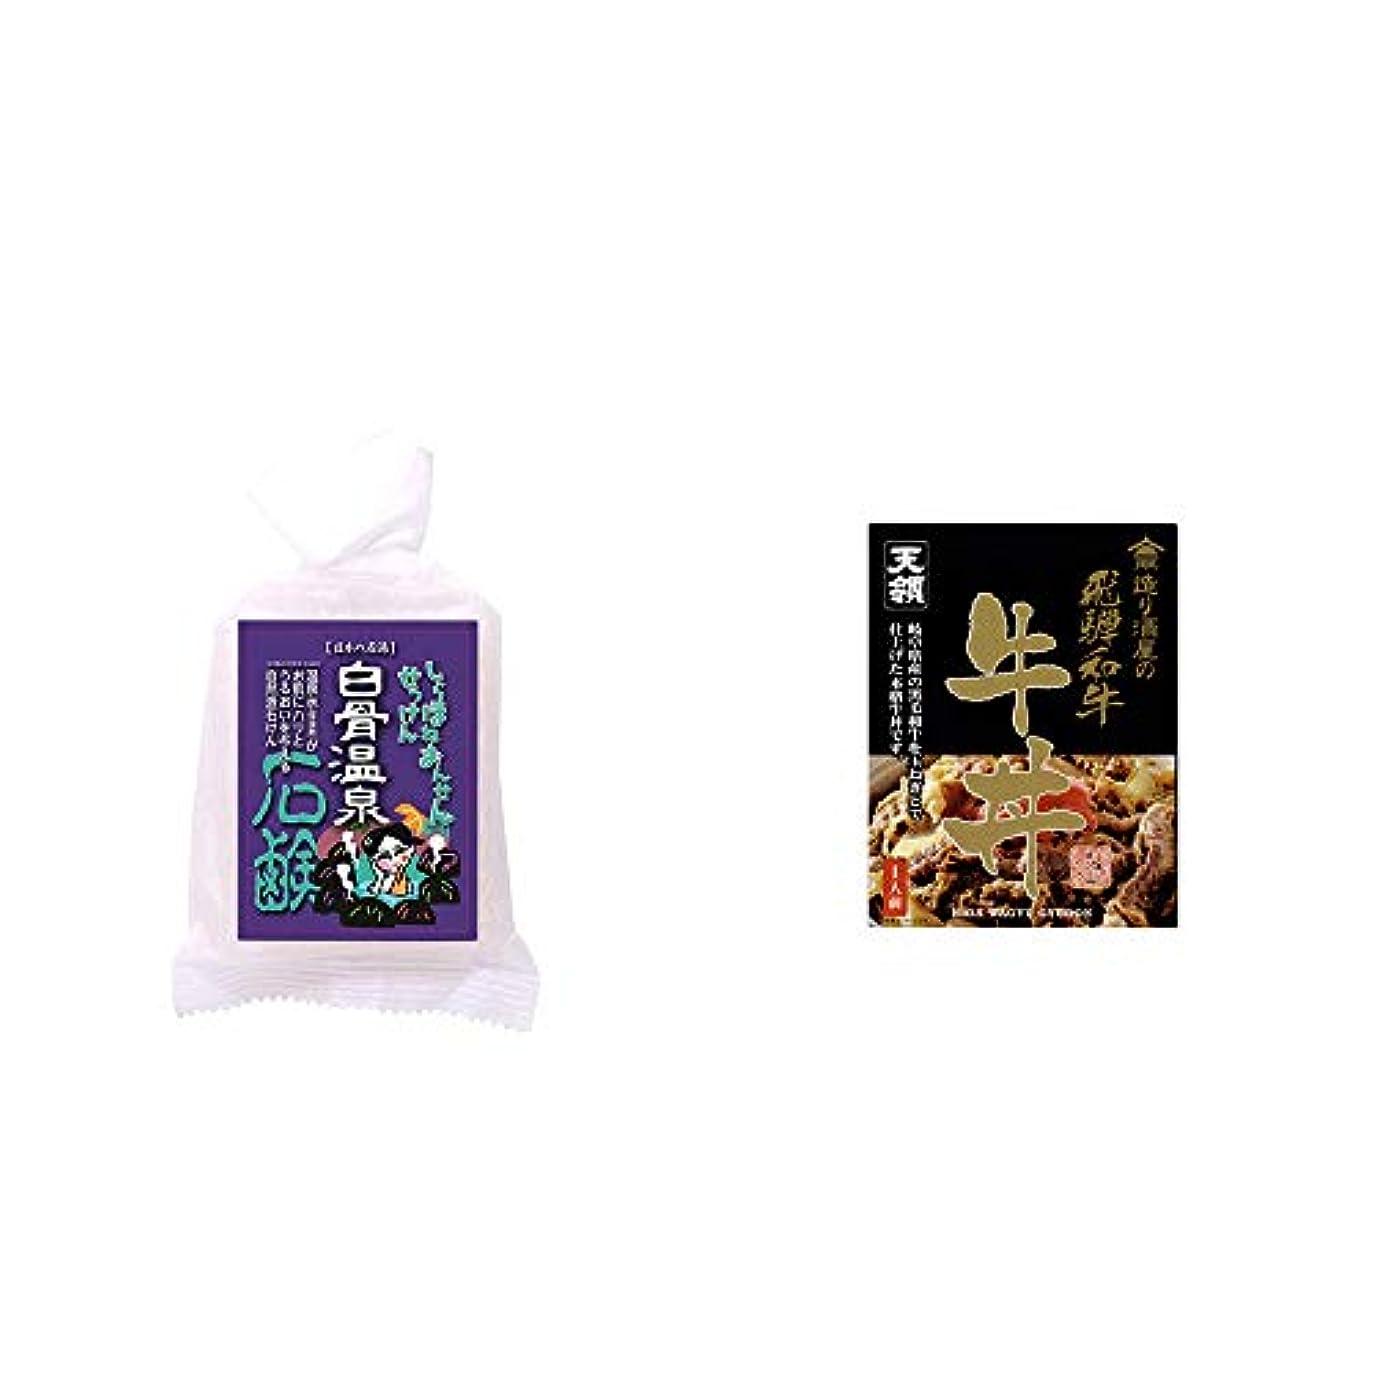 湿気の多いリズミカルな偶然の[2点セット] 信州 白骨温泉石鹸(80g)?天領酒造 造り酒屋の飛騨和牛 牛丼(1人前)